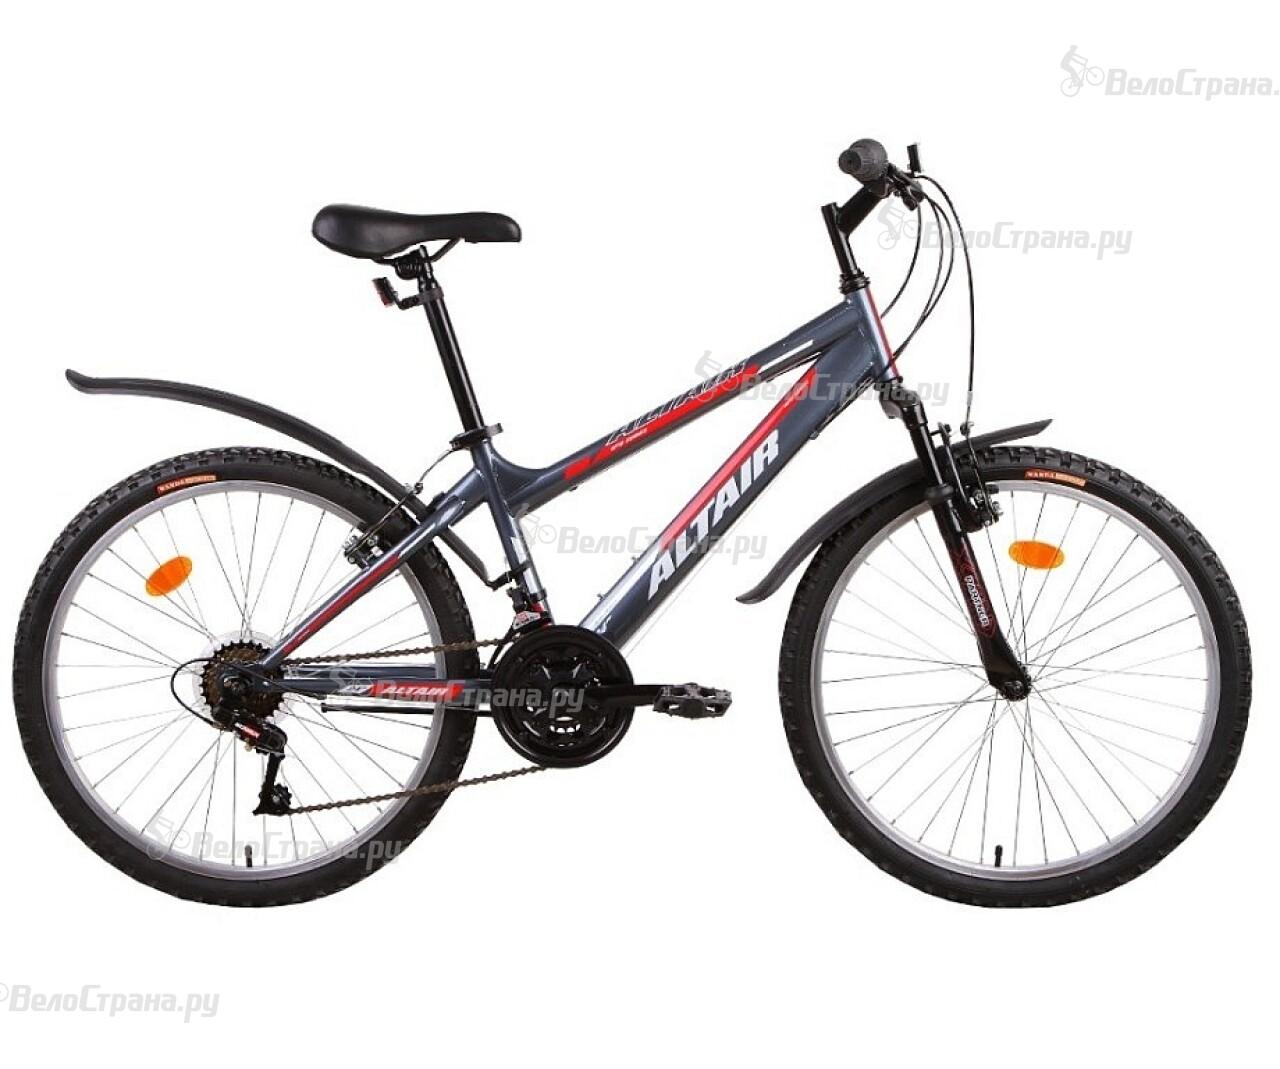 Велосипед Forward Altair MTB HT Junior 24 (2015) велосипед forward altair mtb ht 26 2015